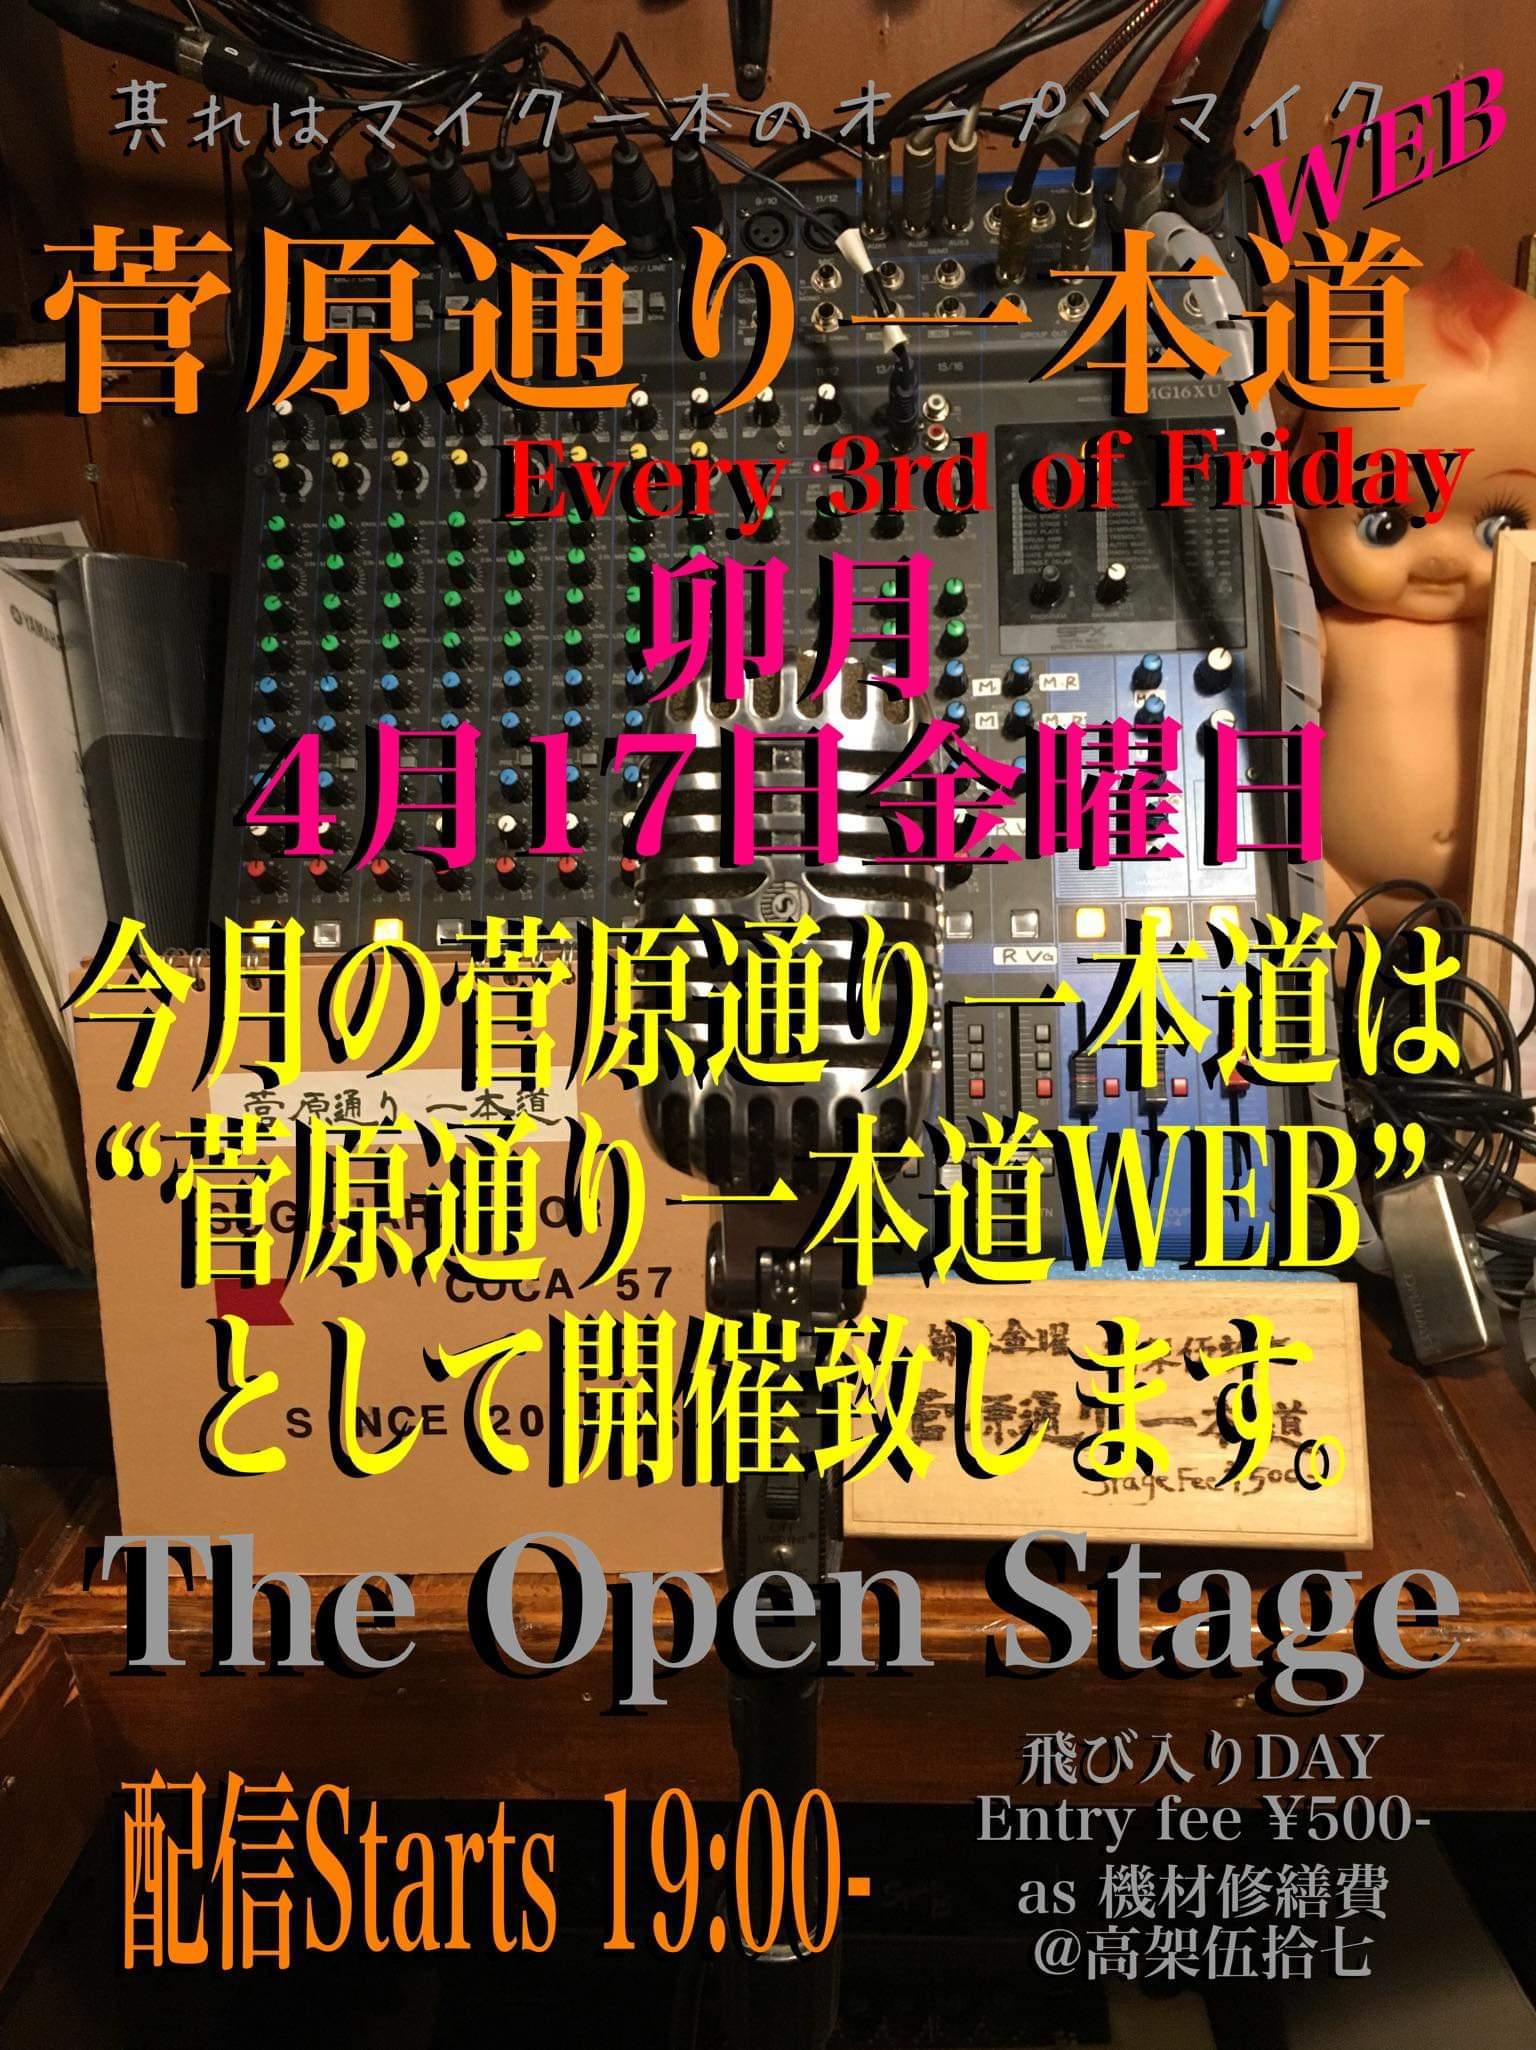 WEBとして開催します菅原通り一本道。